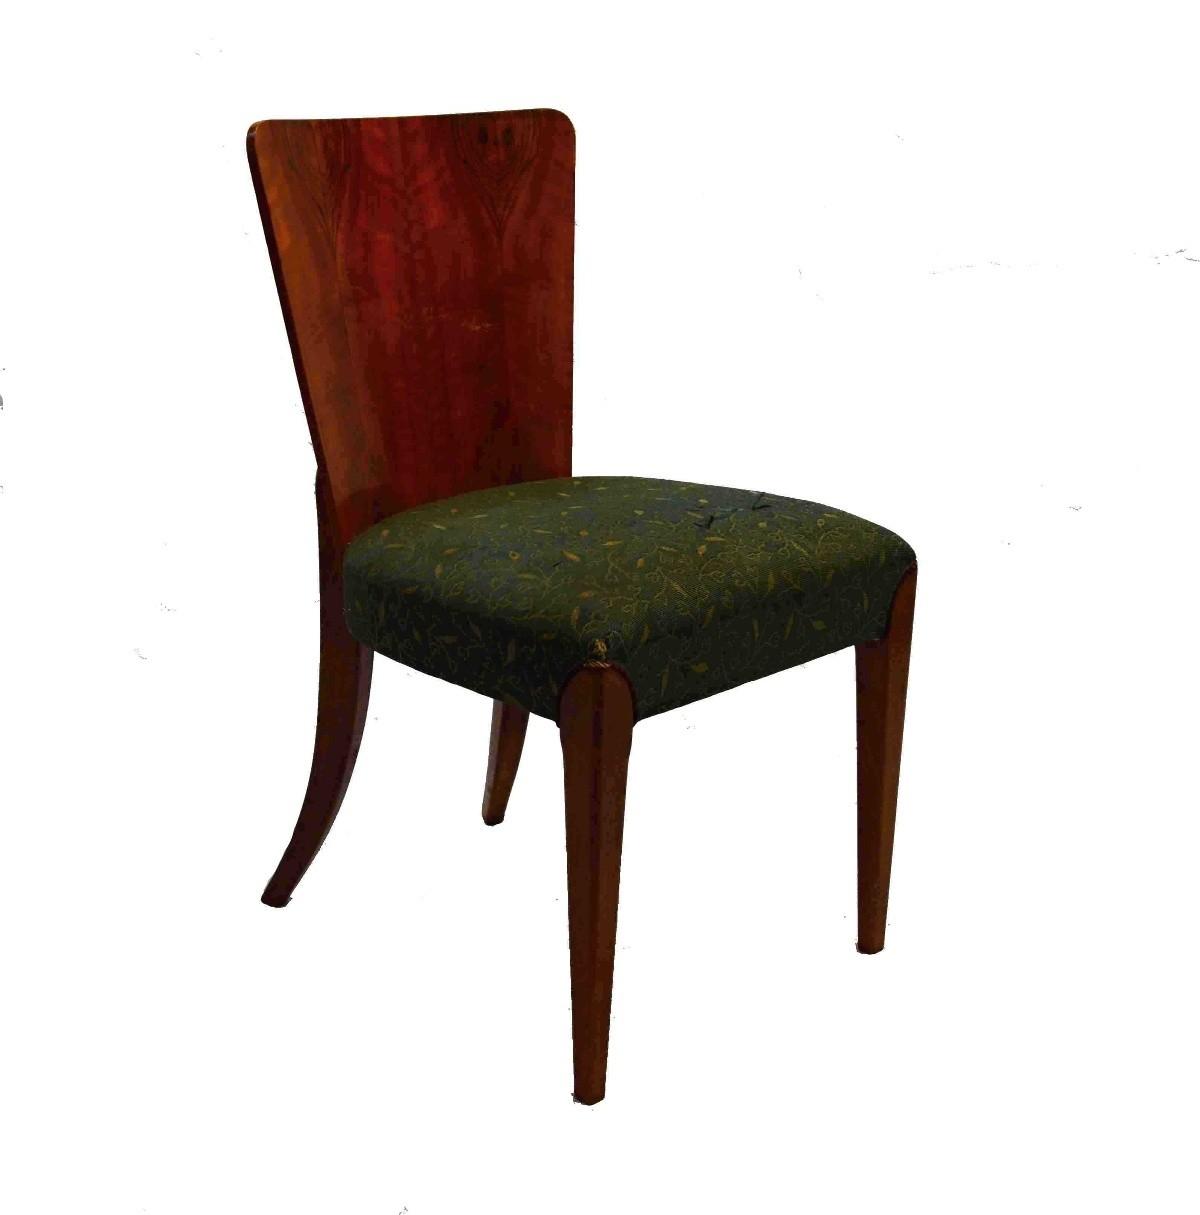 Jindřich Halabala Jídelní židle H214 IV.